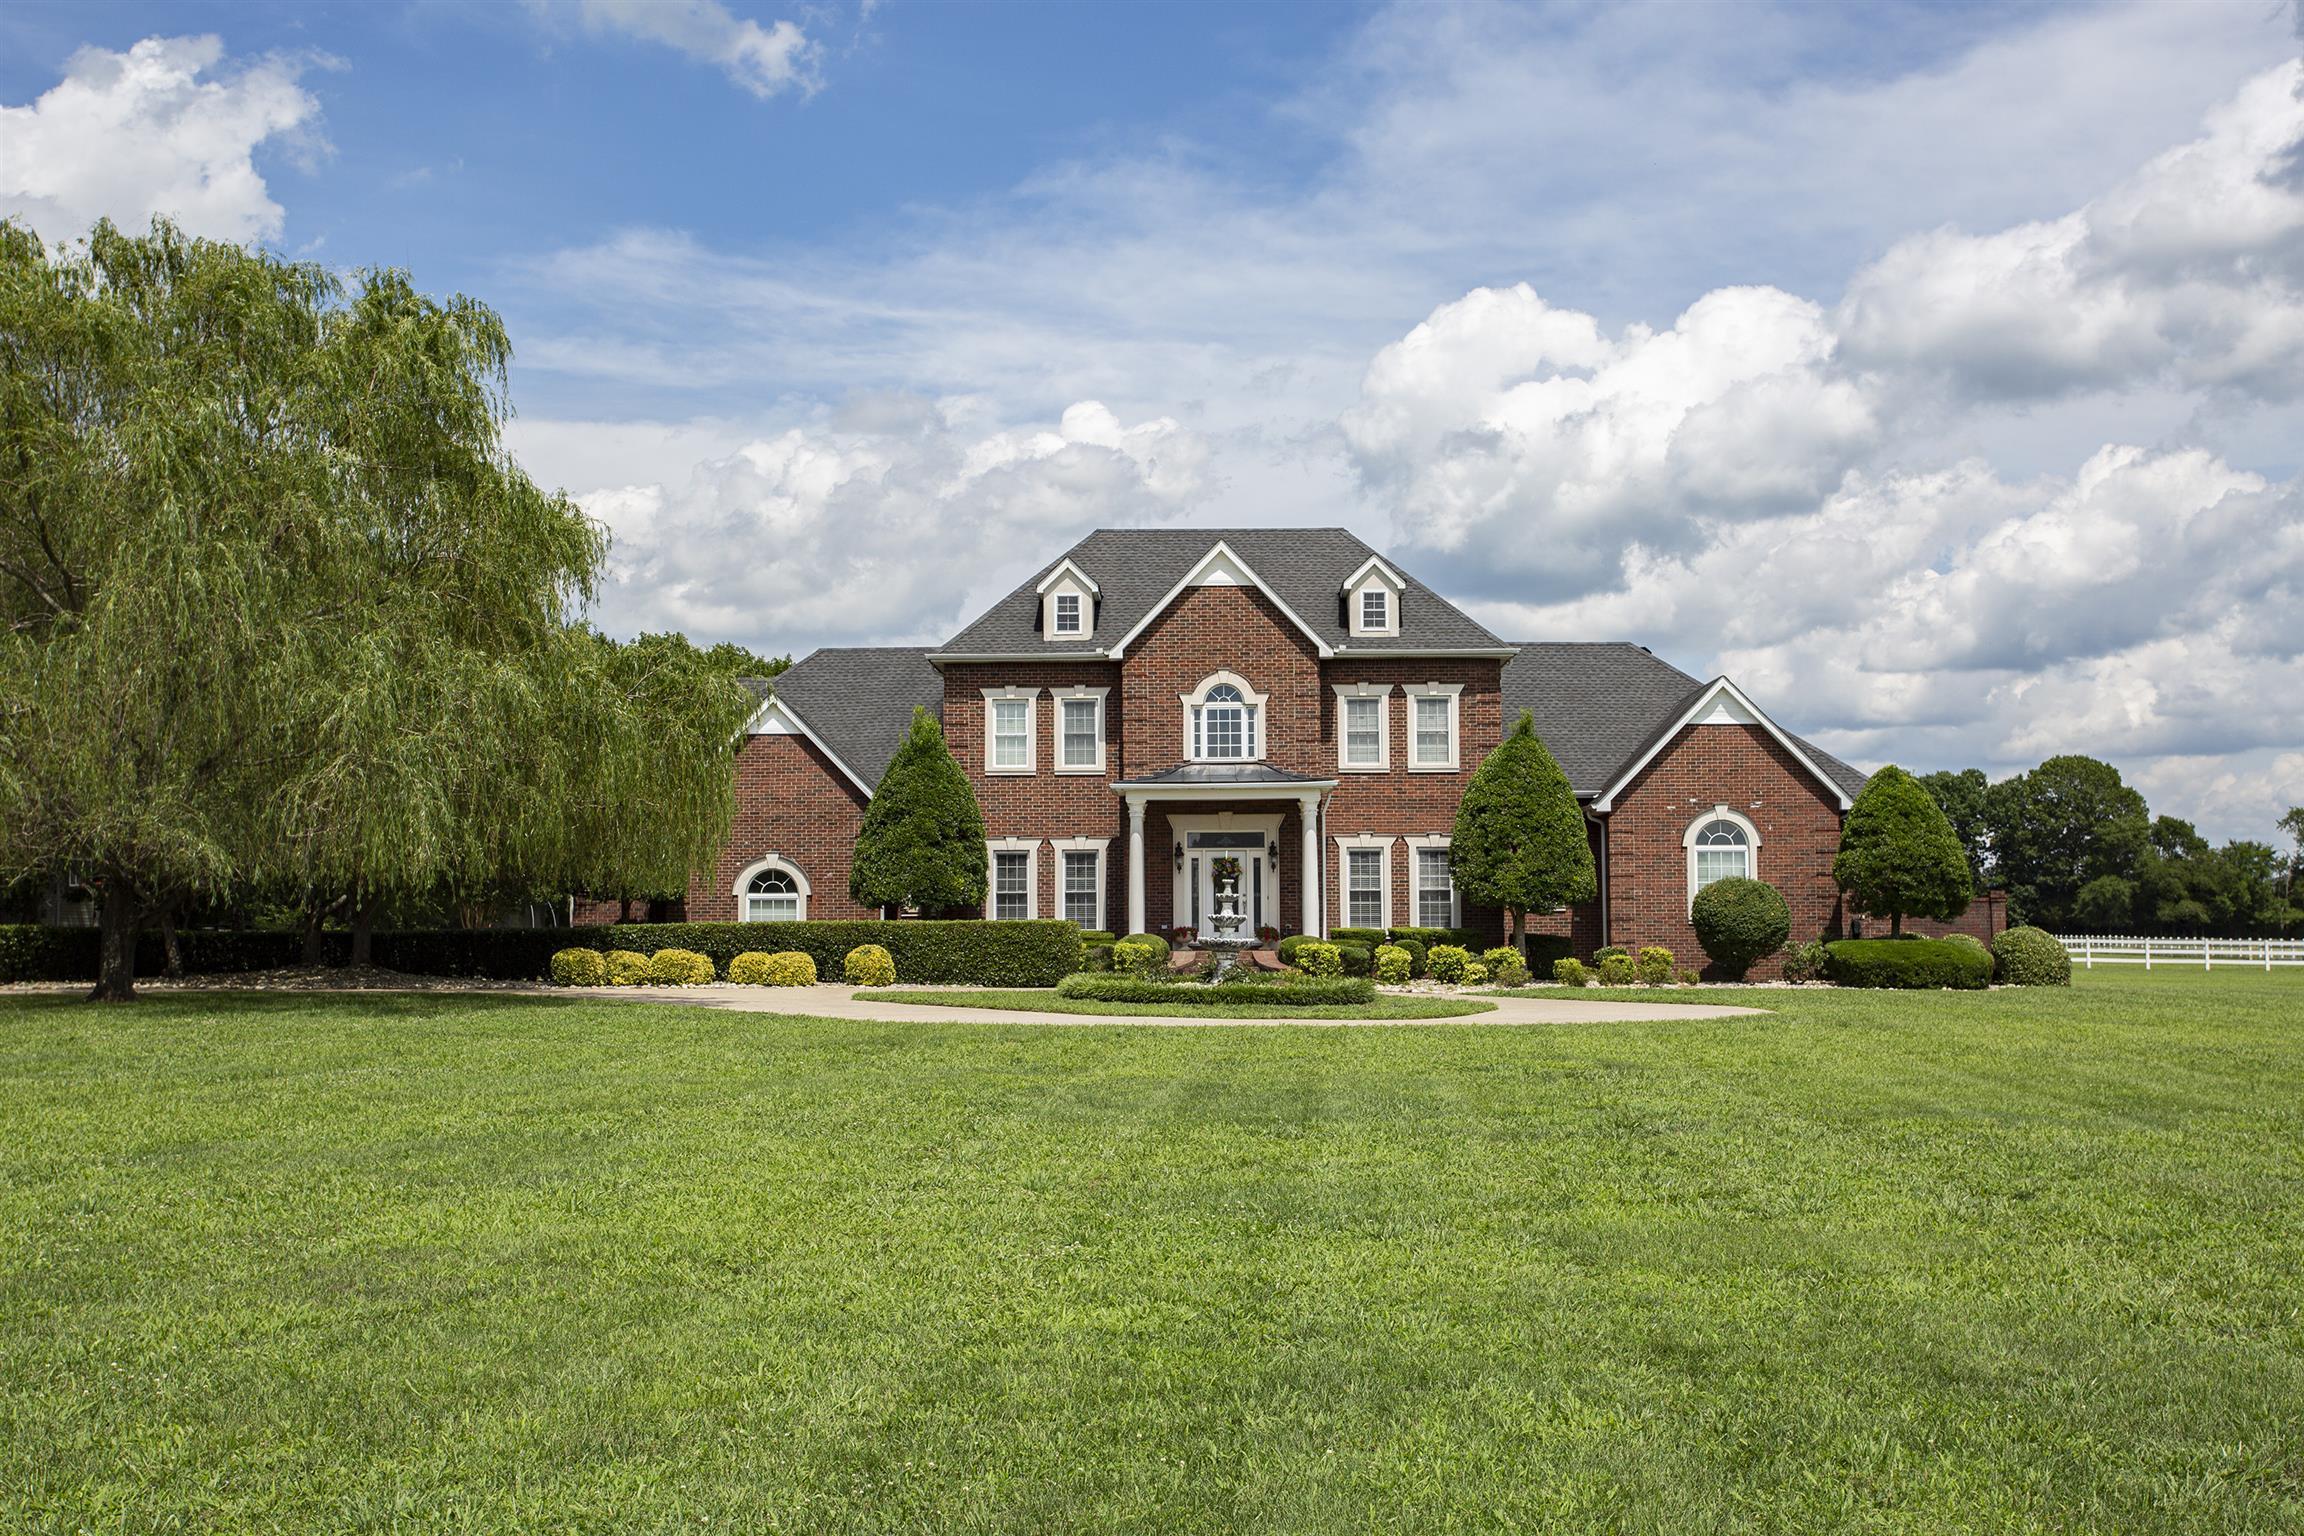 228 Churchill Farms Dr, Murfreesboro, TN 37127 - Murfreesboro, TN real estate listing